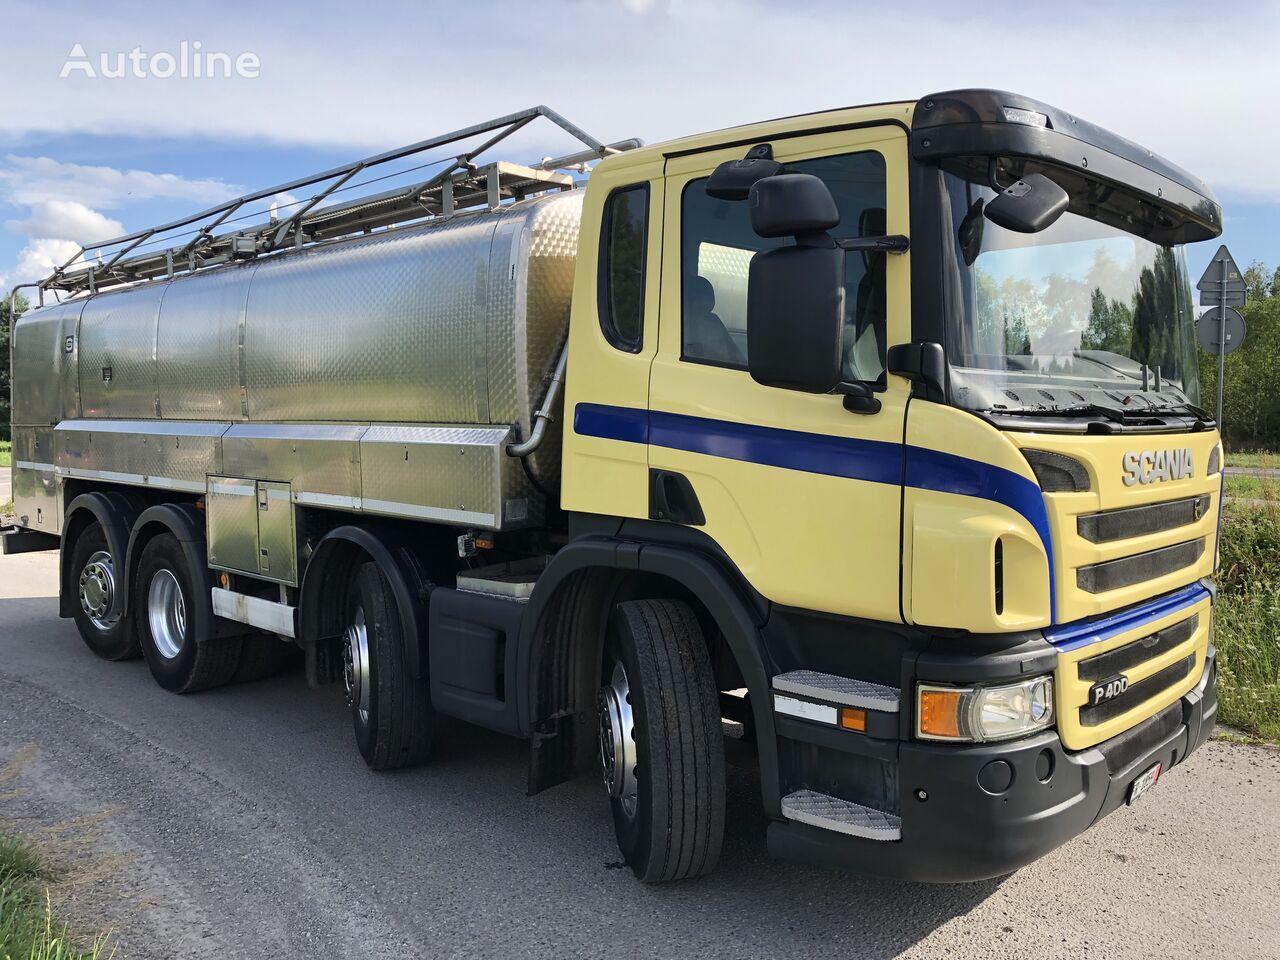 SCANIA P 400 KM 8x2 Beczka Do Mleka Sprowadzona Ze Szwajcarii camión para transporte de leche